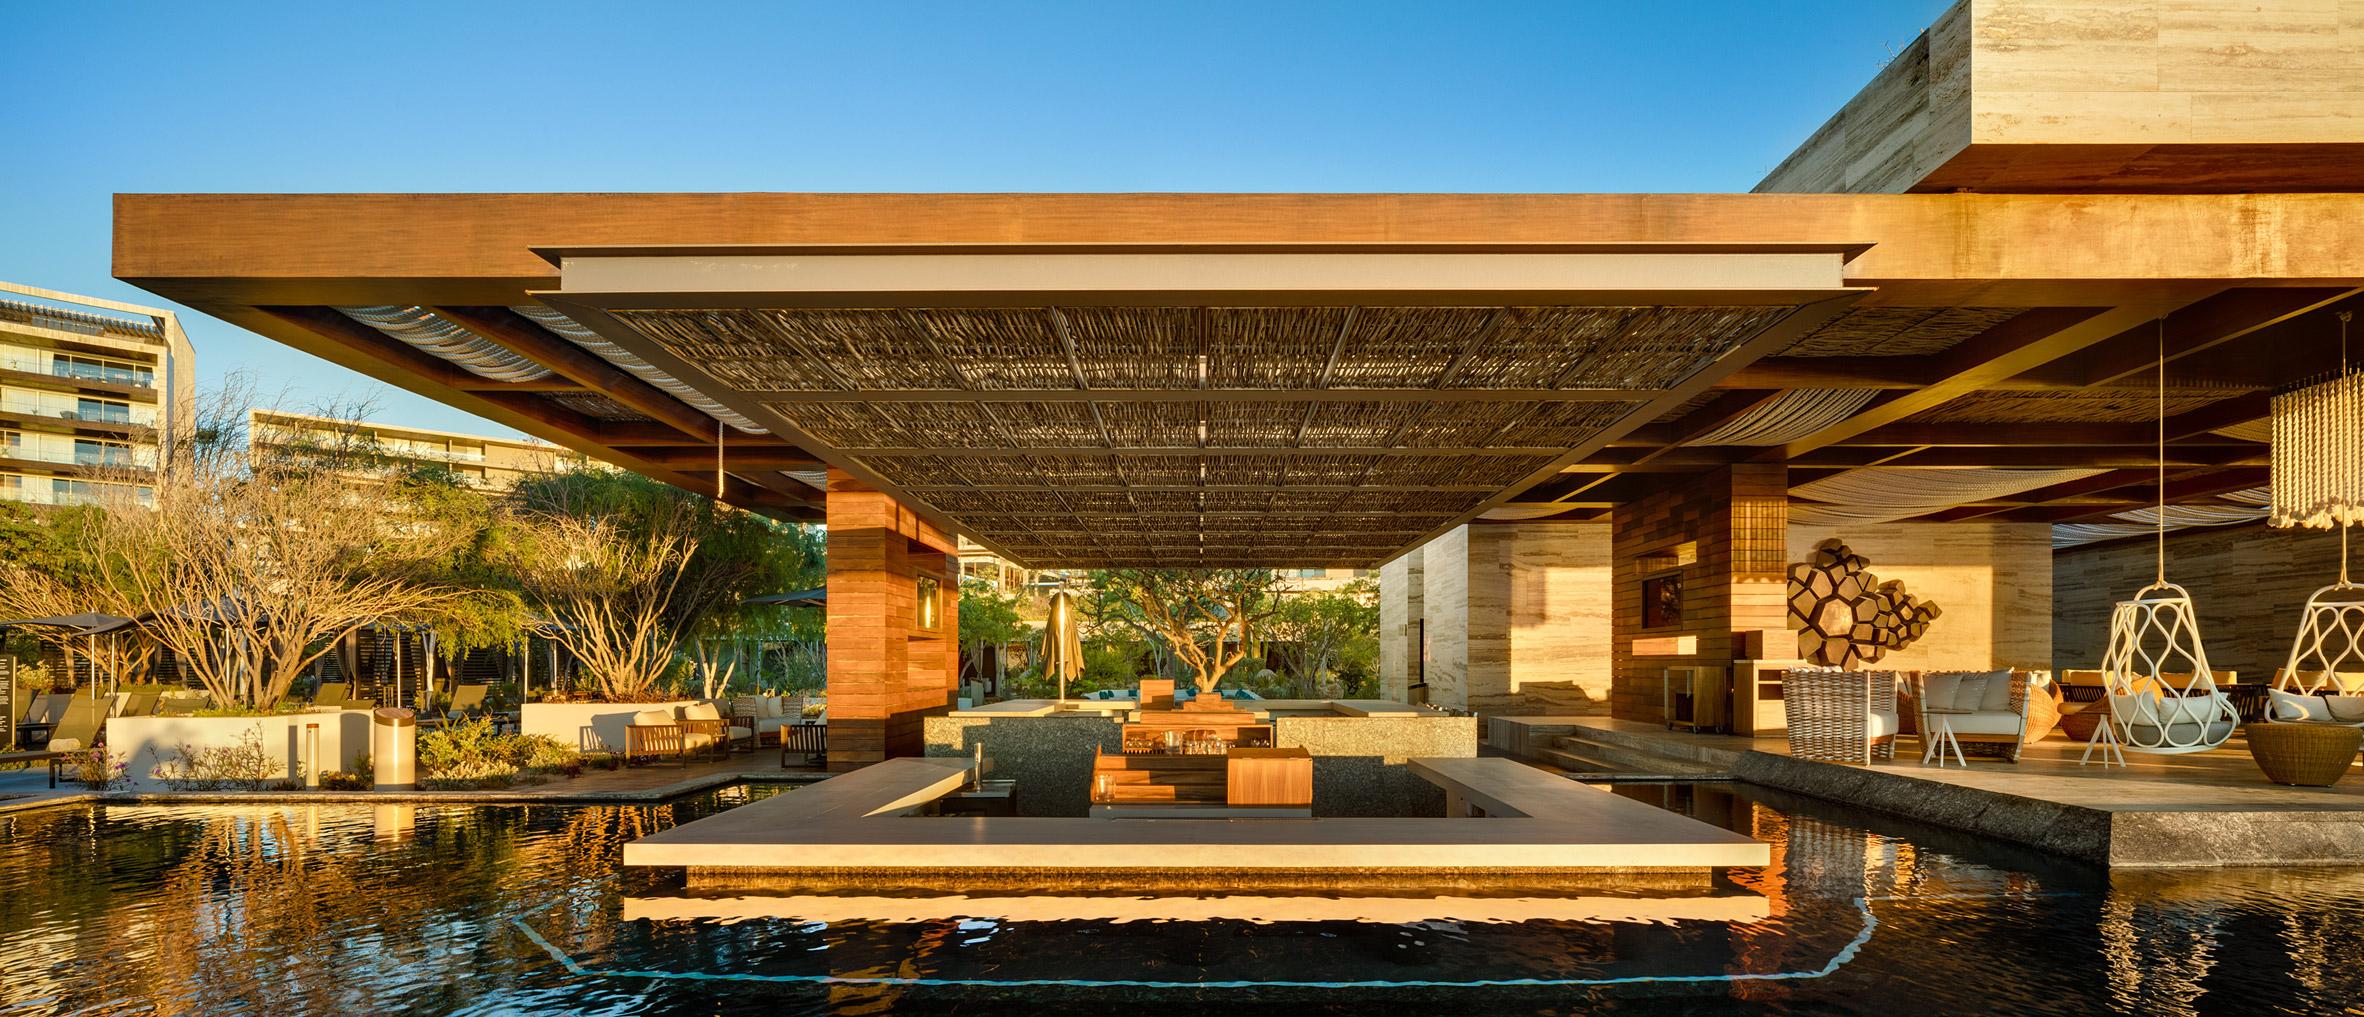 Solaz Resort by Sordo Madaleno Arquitectos in Los Cabos